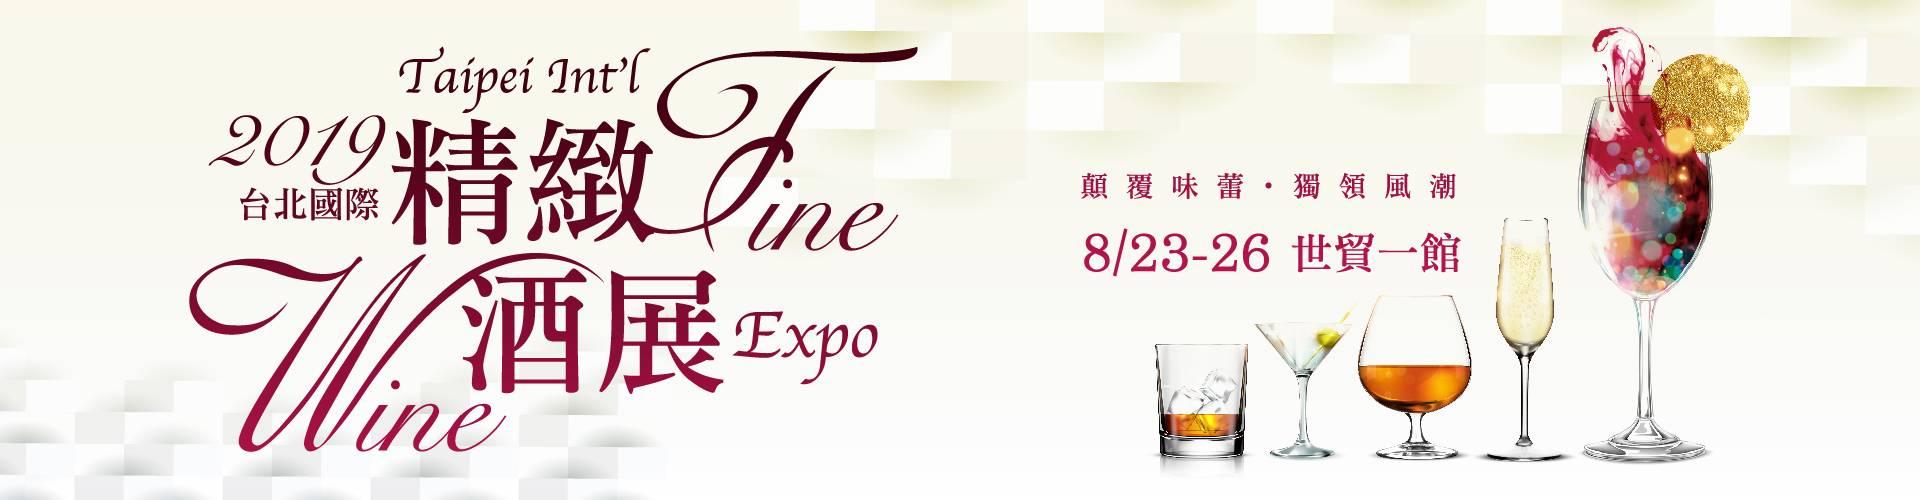 2019台北國際精緻酒展